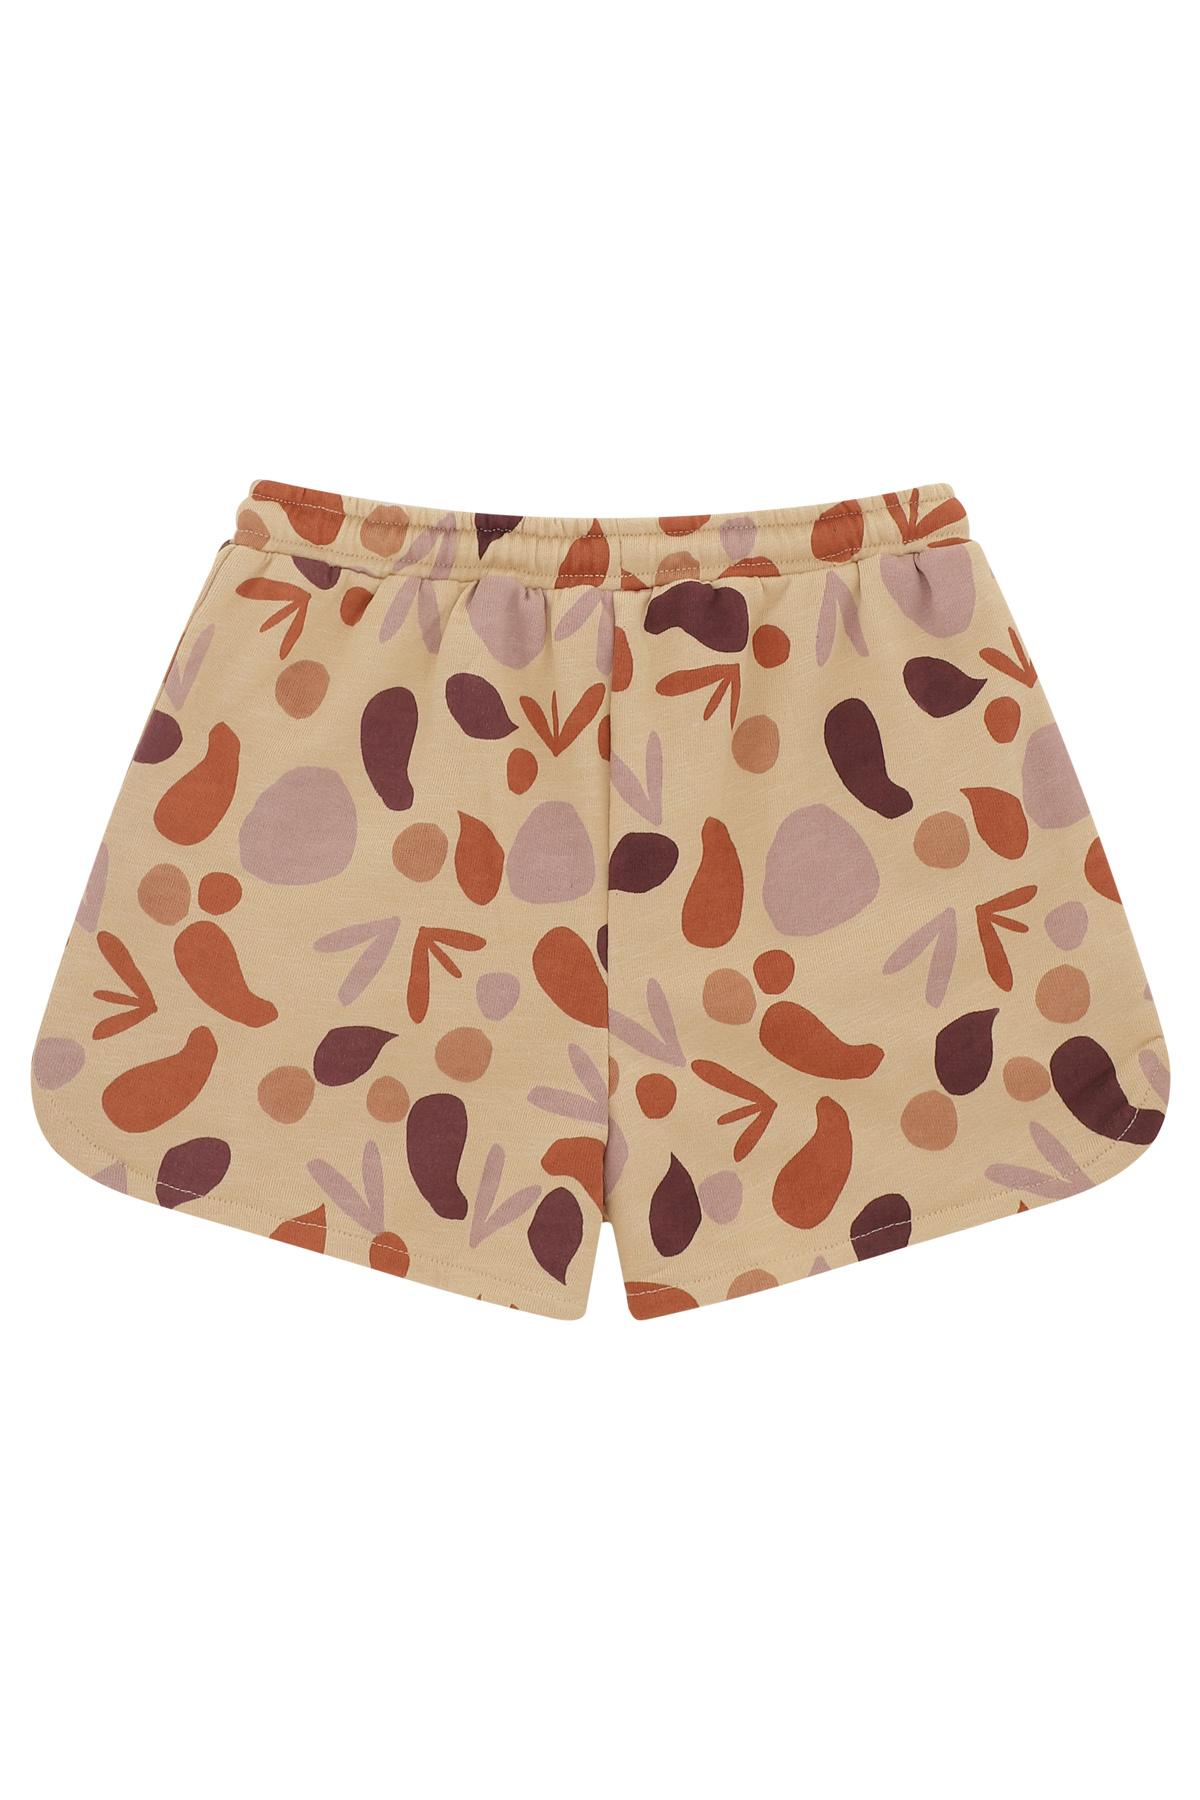 Paris shorts - Beige shapes-2